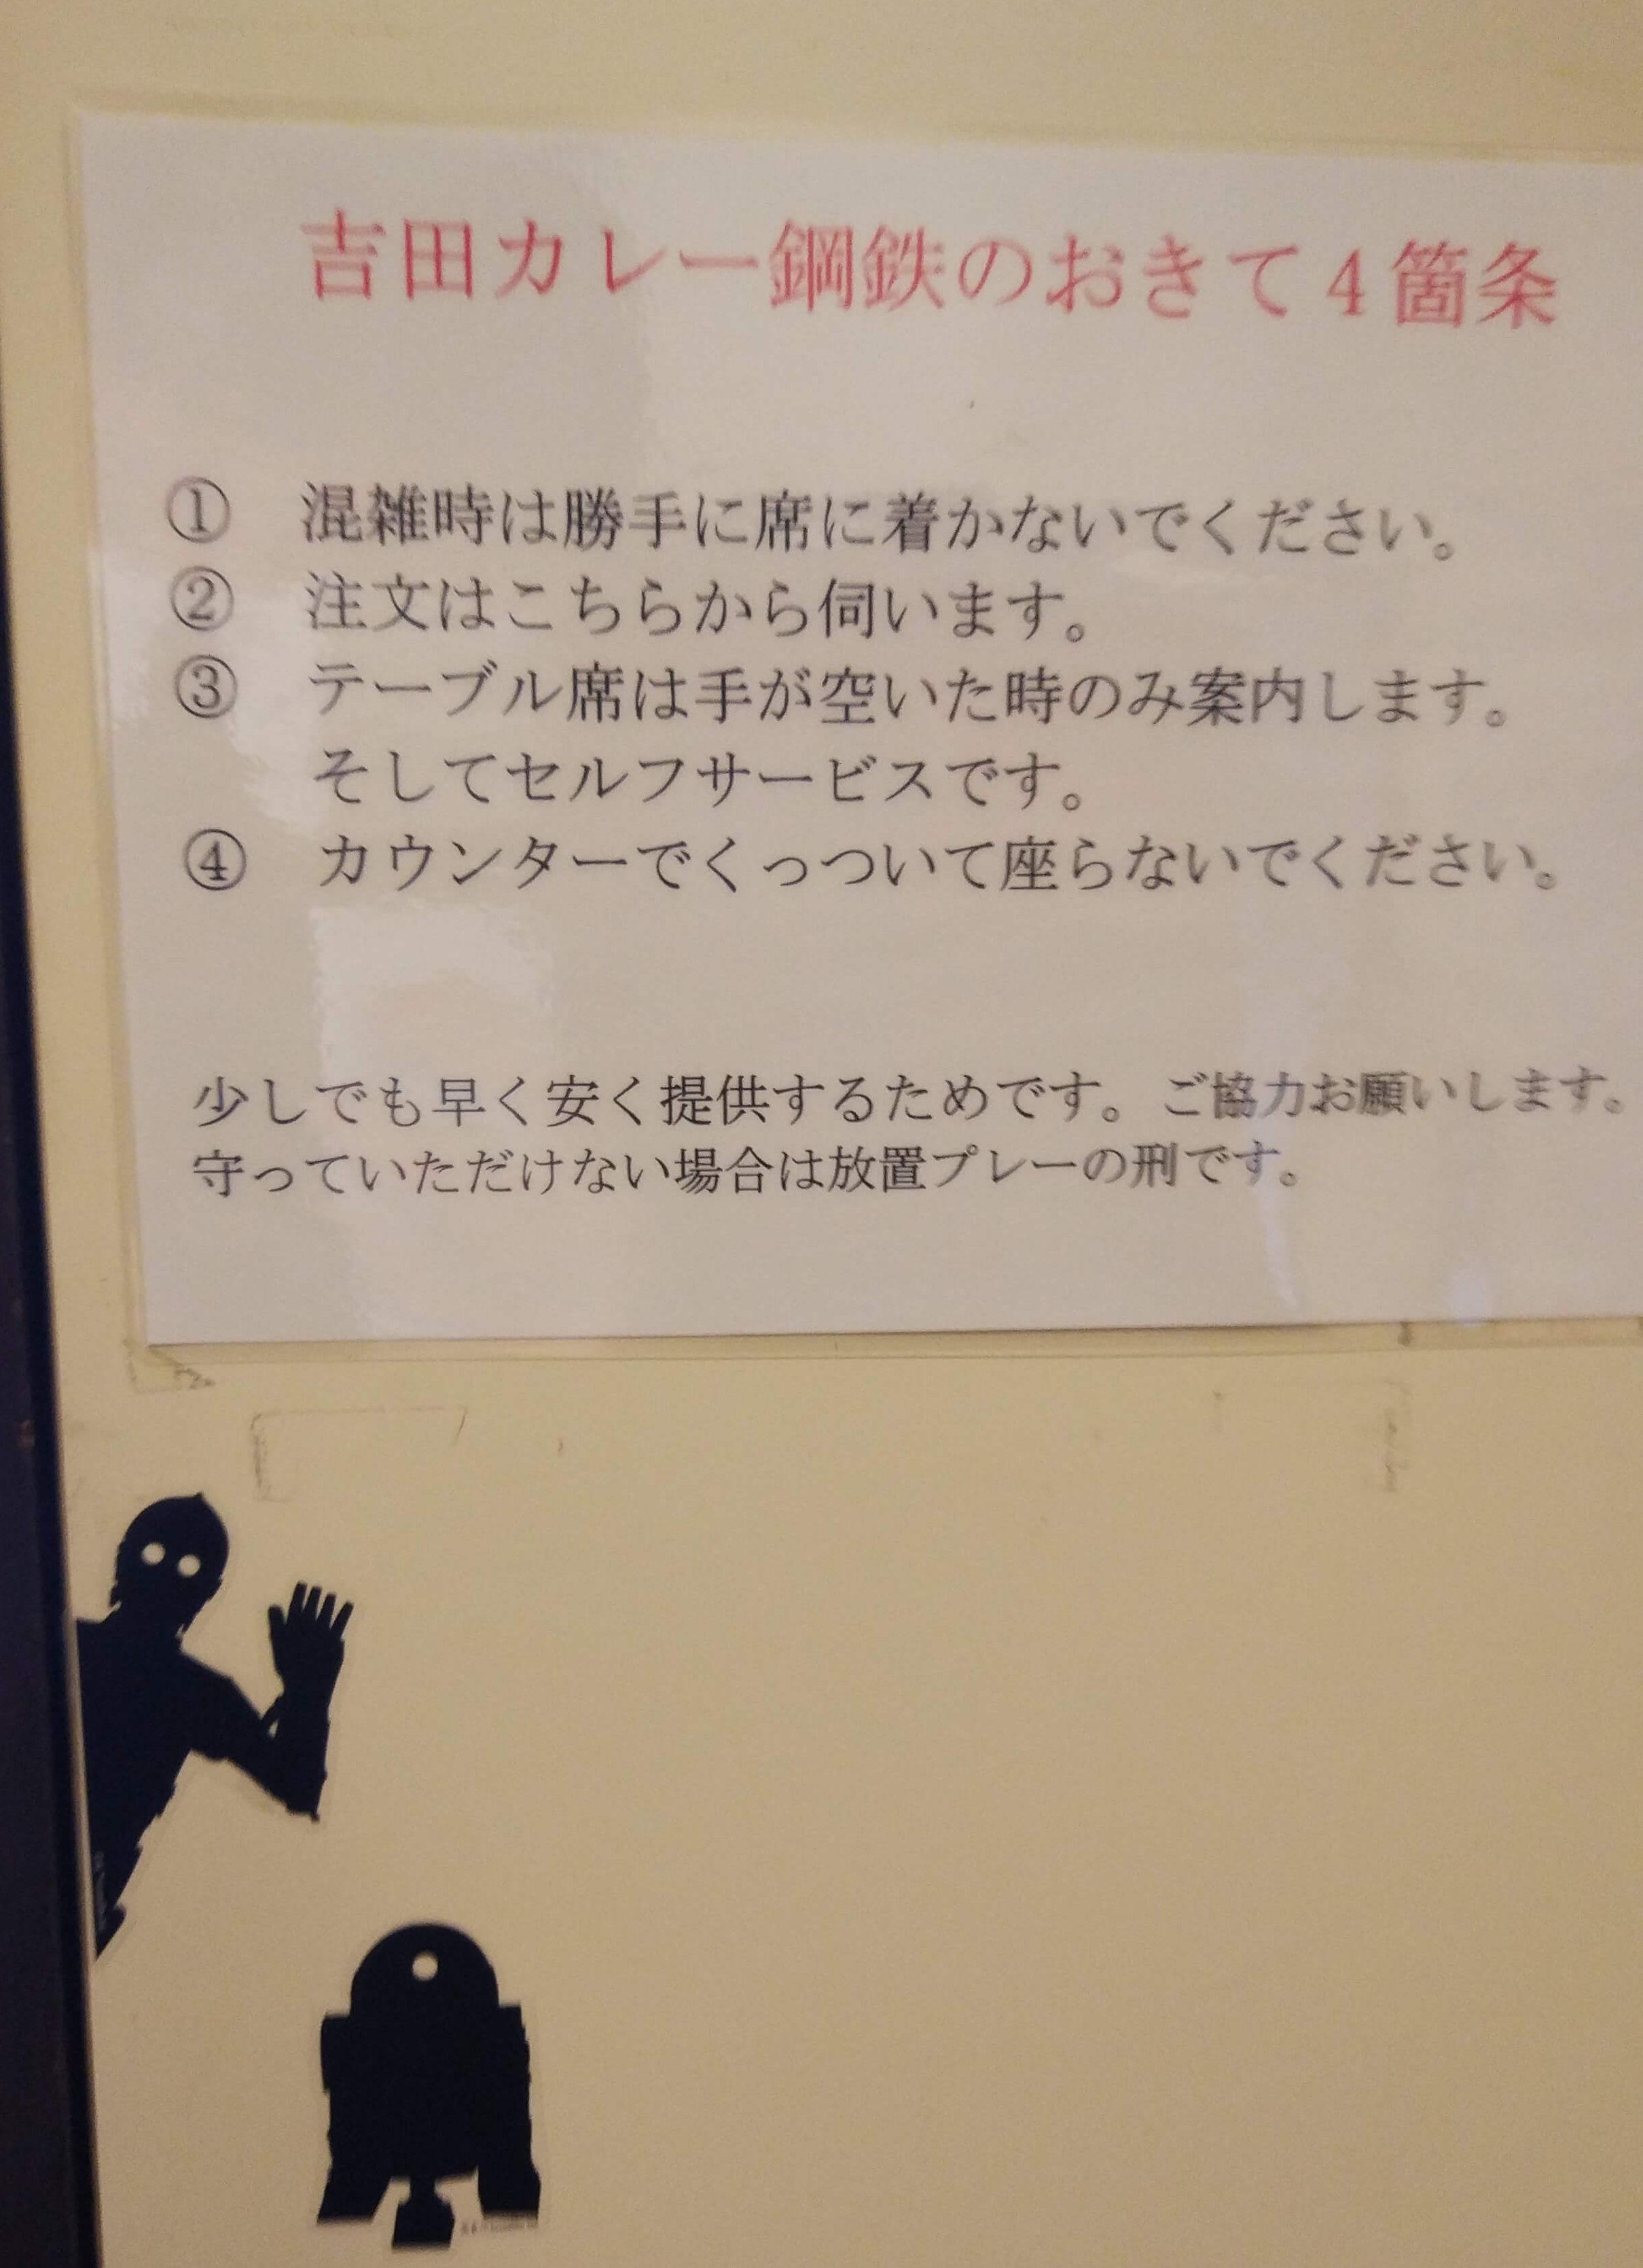 吉田カレー鋼鉄の掟4か条